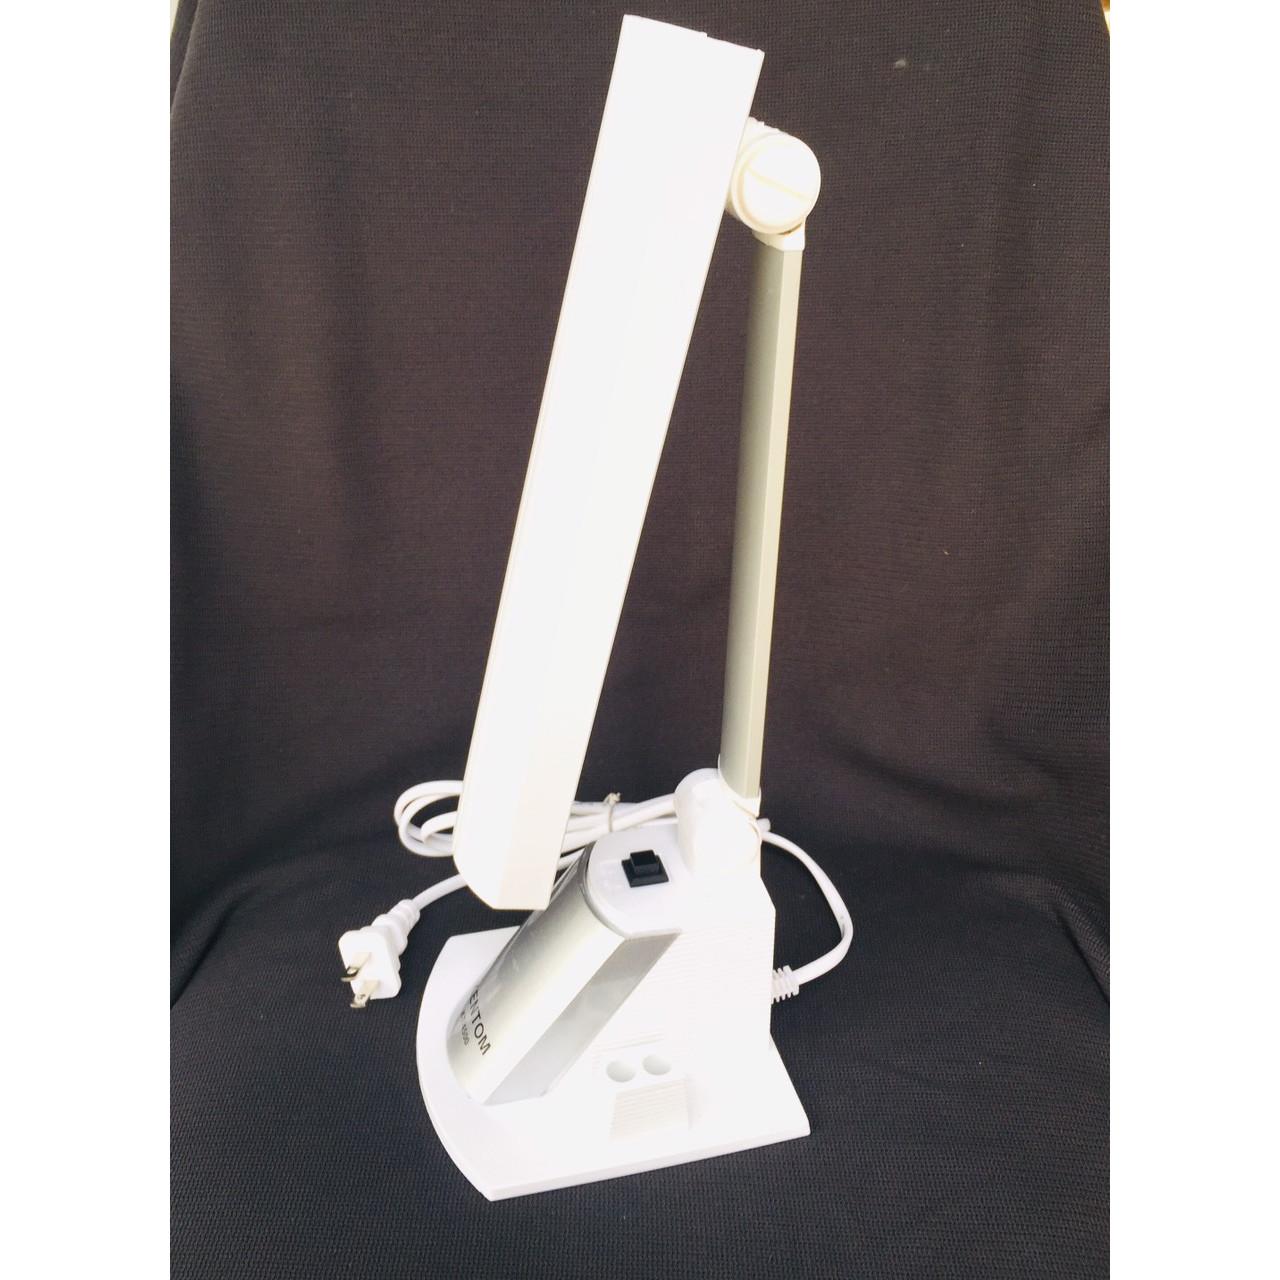 Đèn Led Để Bàn Kentom KT4500 - Hàng chính hãng